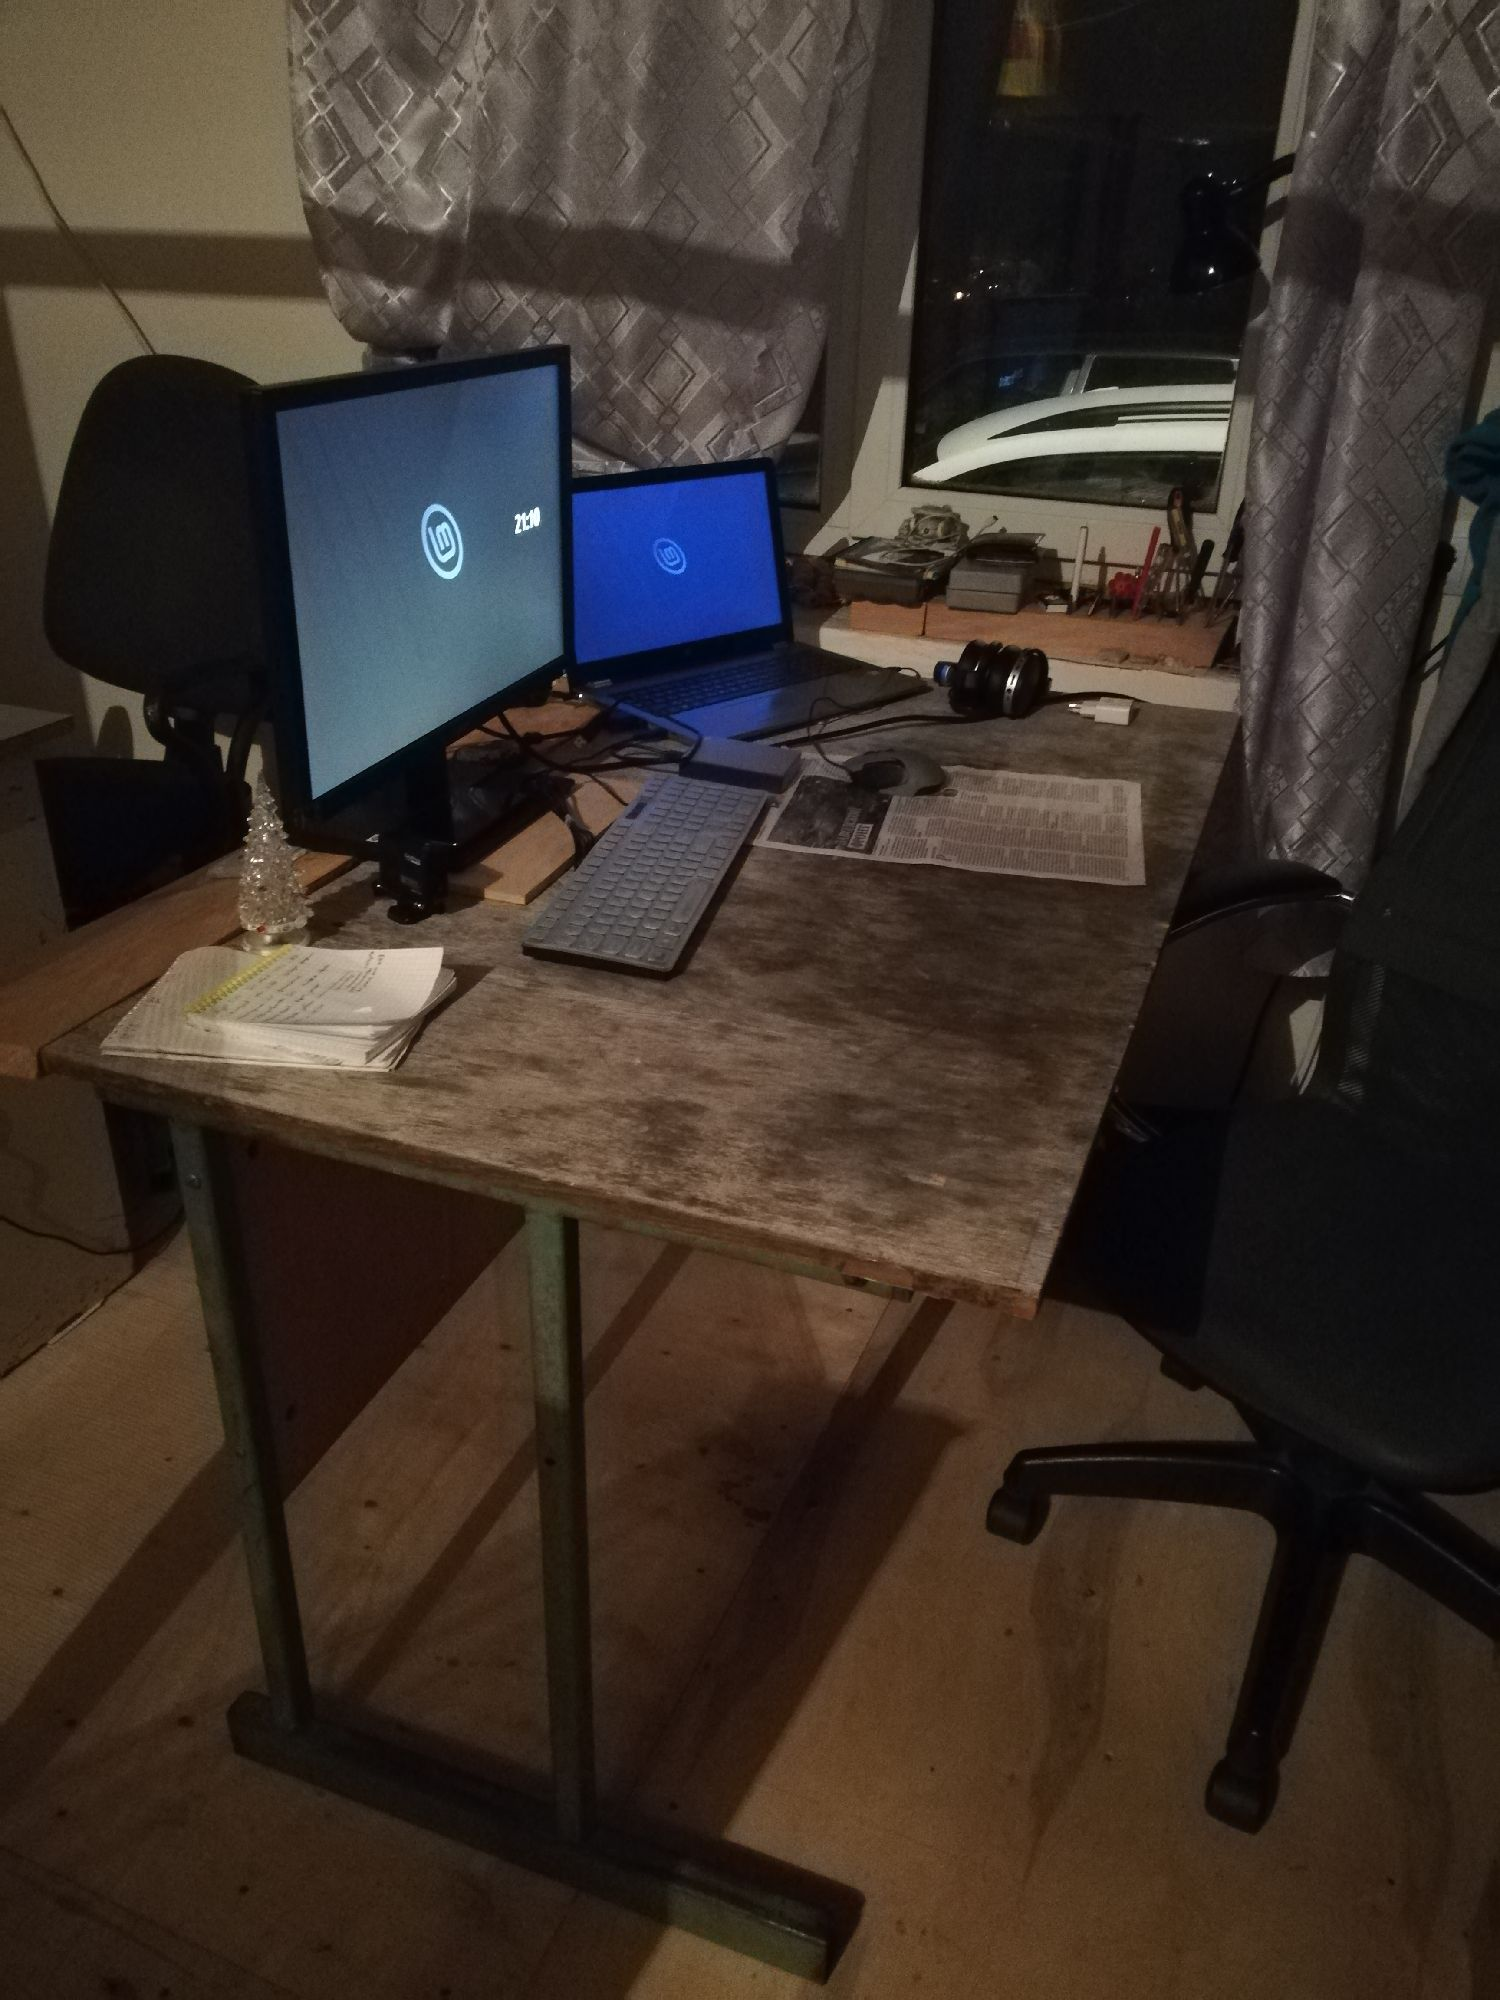 Моё рабочее место - думаю накрыть расширенный стол листом фанеры (а расширен он в глубину, не видно)